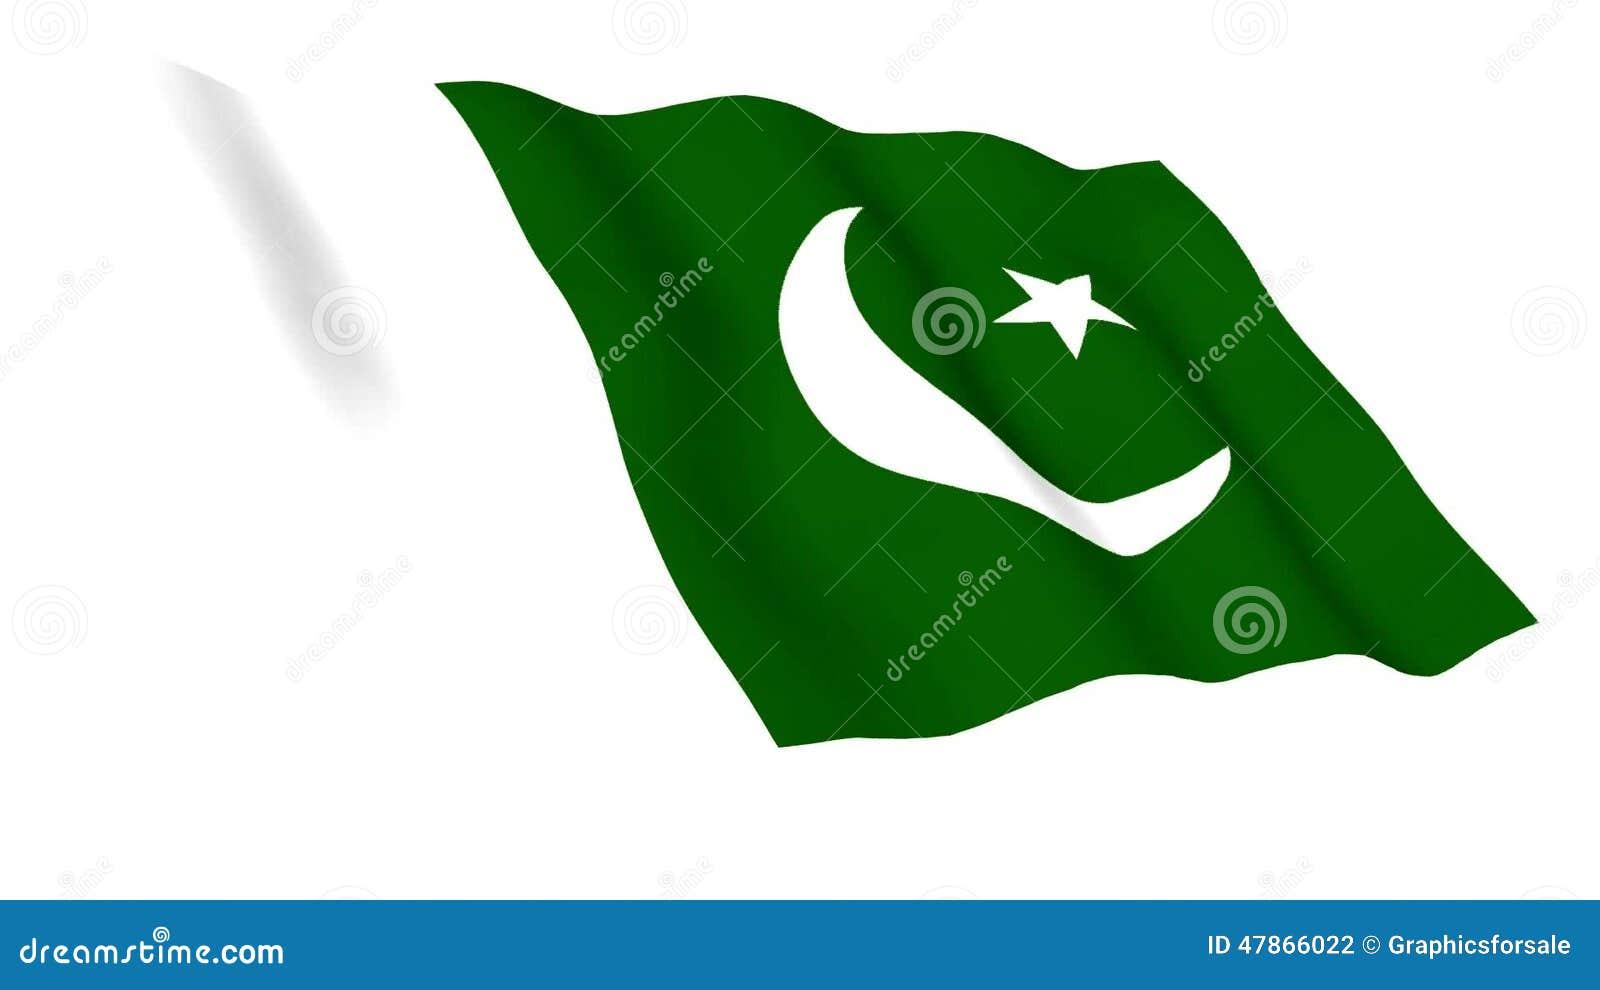 Animated Pakistani Flag